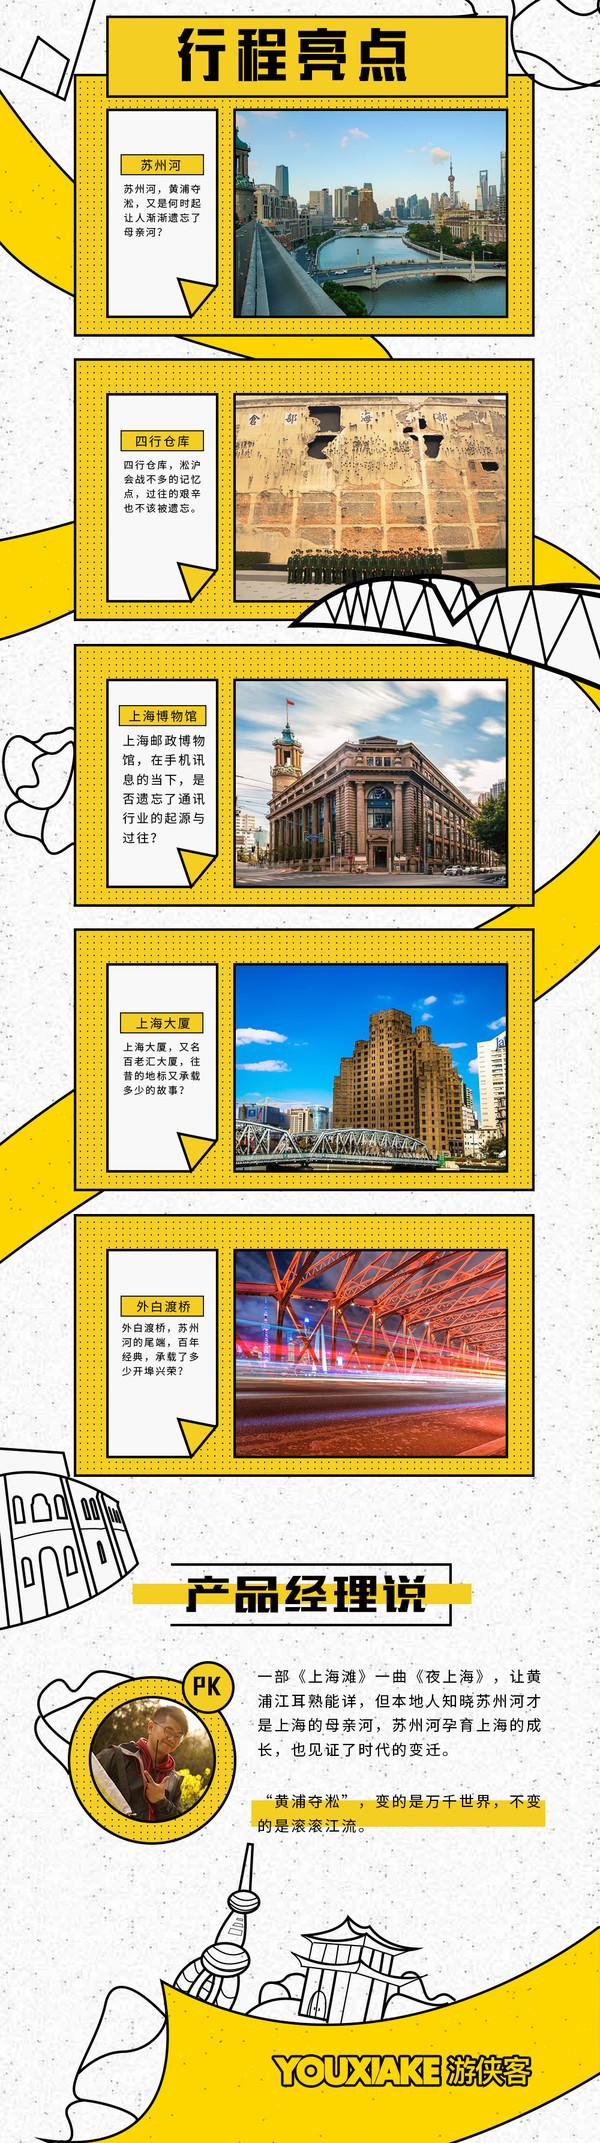 不忘历史!上海苏州河+四行仓库City Walk